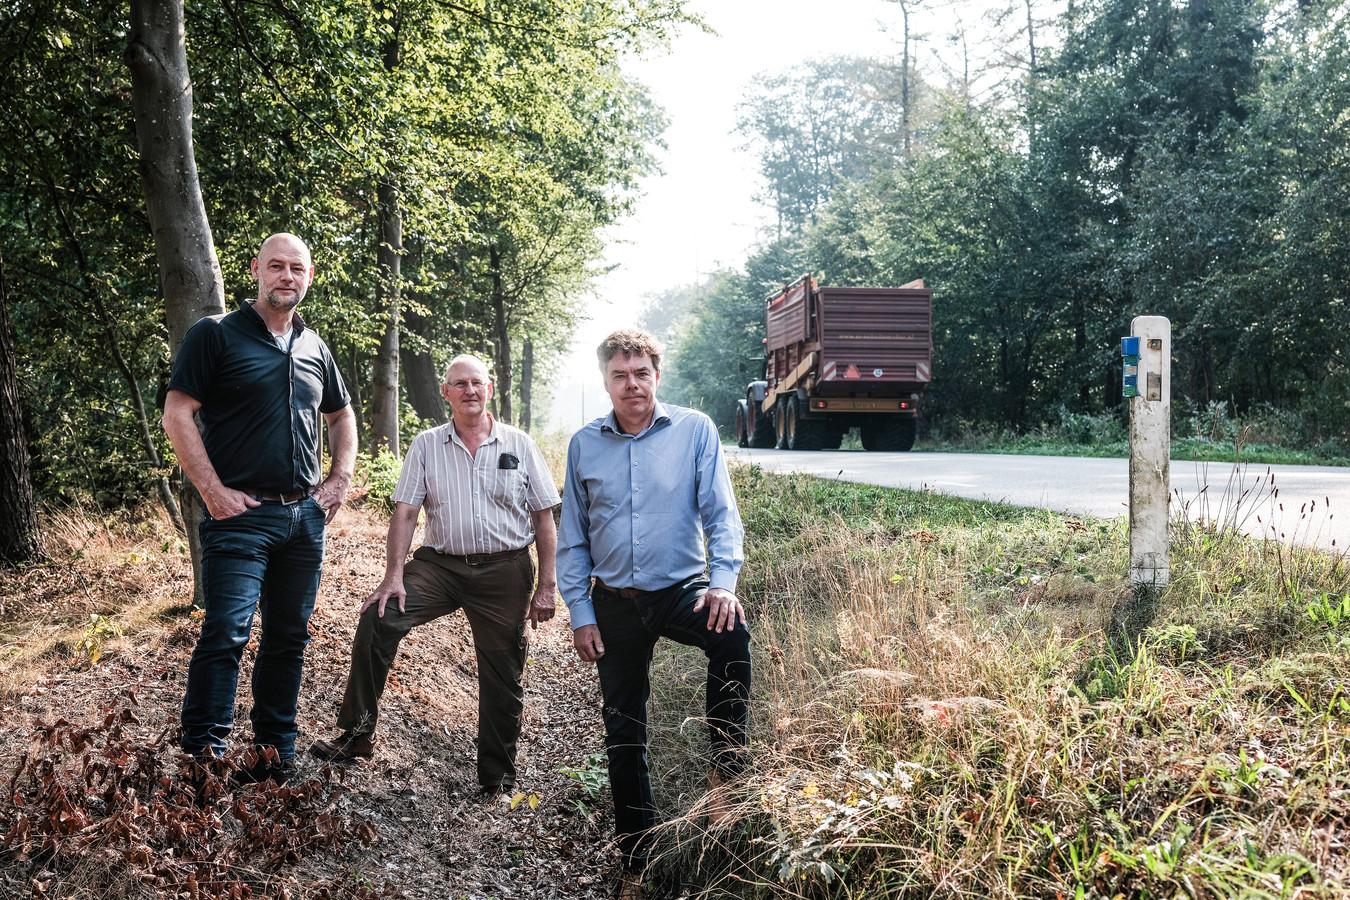 Jurgen Hijink, Willy Kruiselbrink en Gosse Visser (vlnr) op de Corleseweg waar door de blauwe wildspiegels veel aanrijdingen met reeën zijn voorkomen.